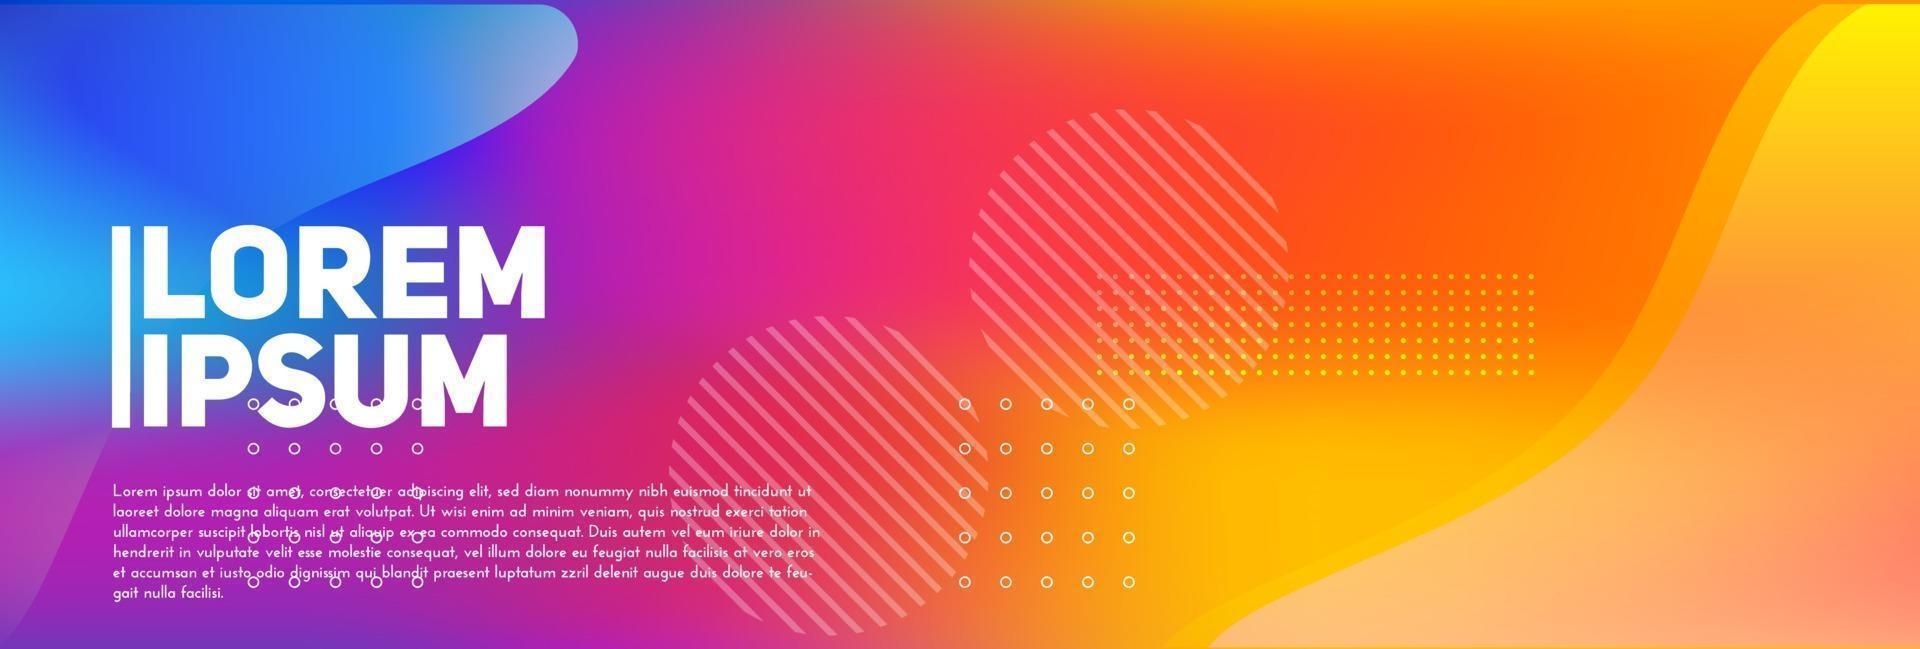 hermosos degradados de colores abstractos con movimiento. es un fondo borroso claro y colorido. vector